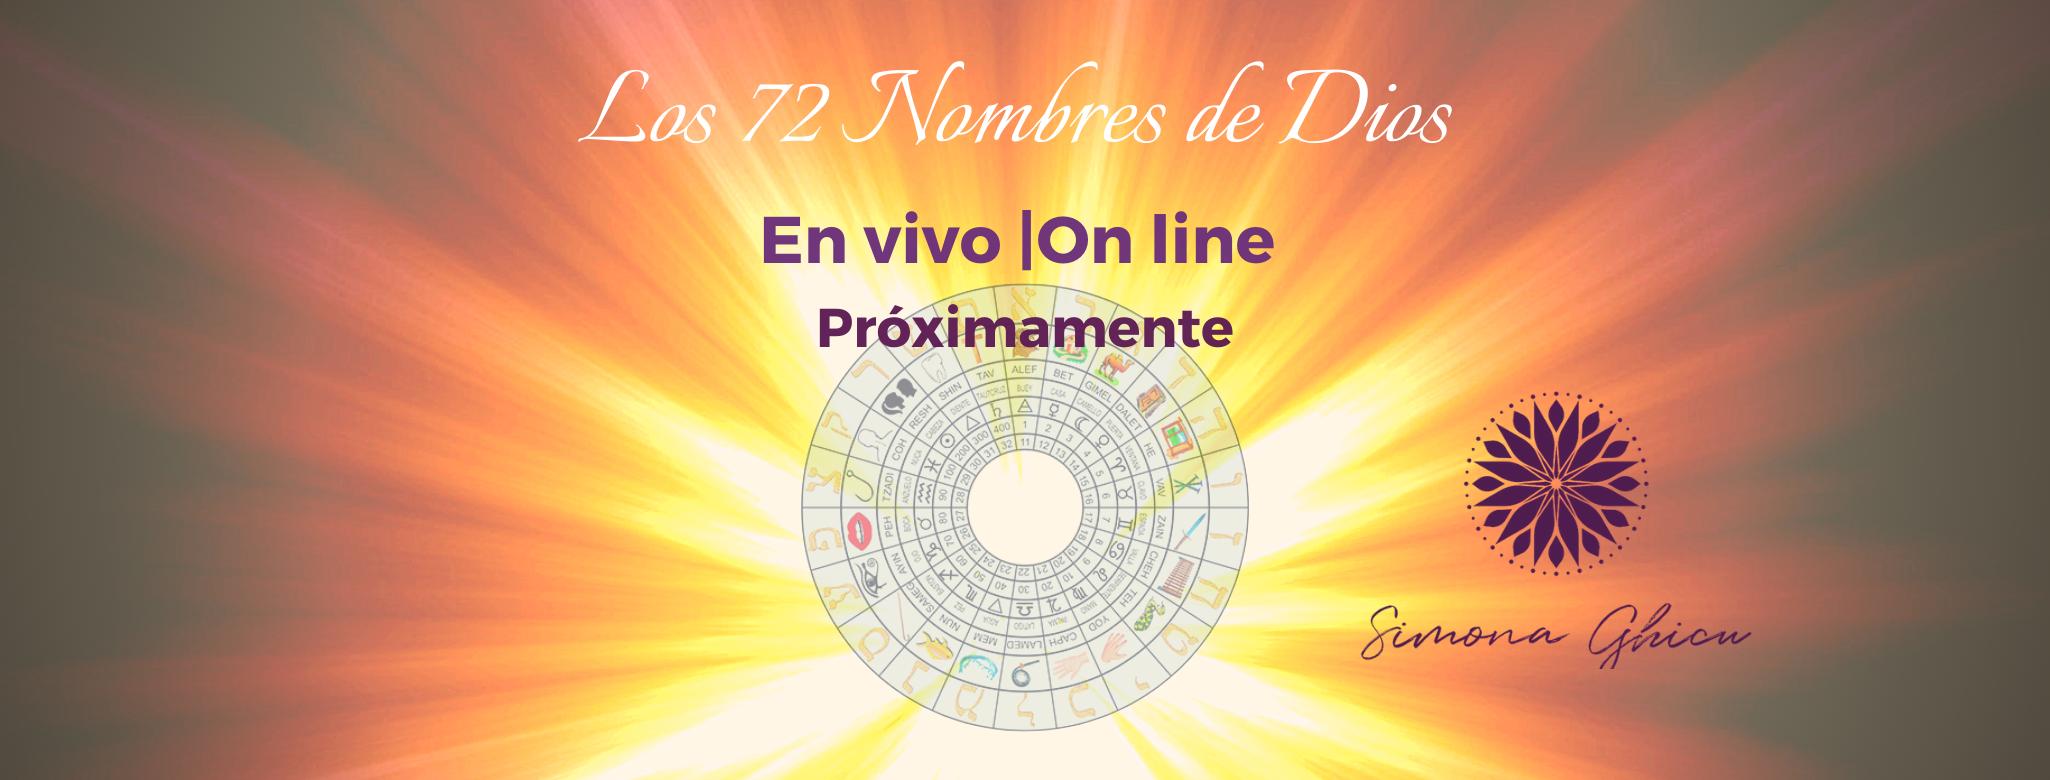 Copia de Copia de Copia de Copia de Los 72 nombres de dios son combinaciones de 3 letras hebreas que se conecta con una coriente espiritual infinita (4)